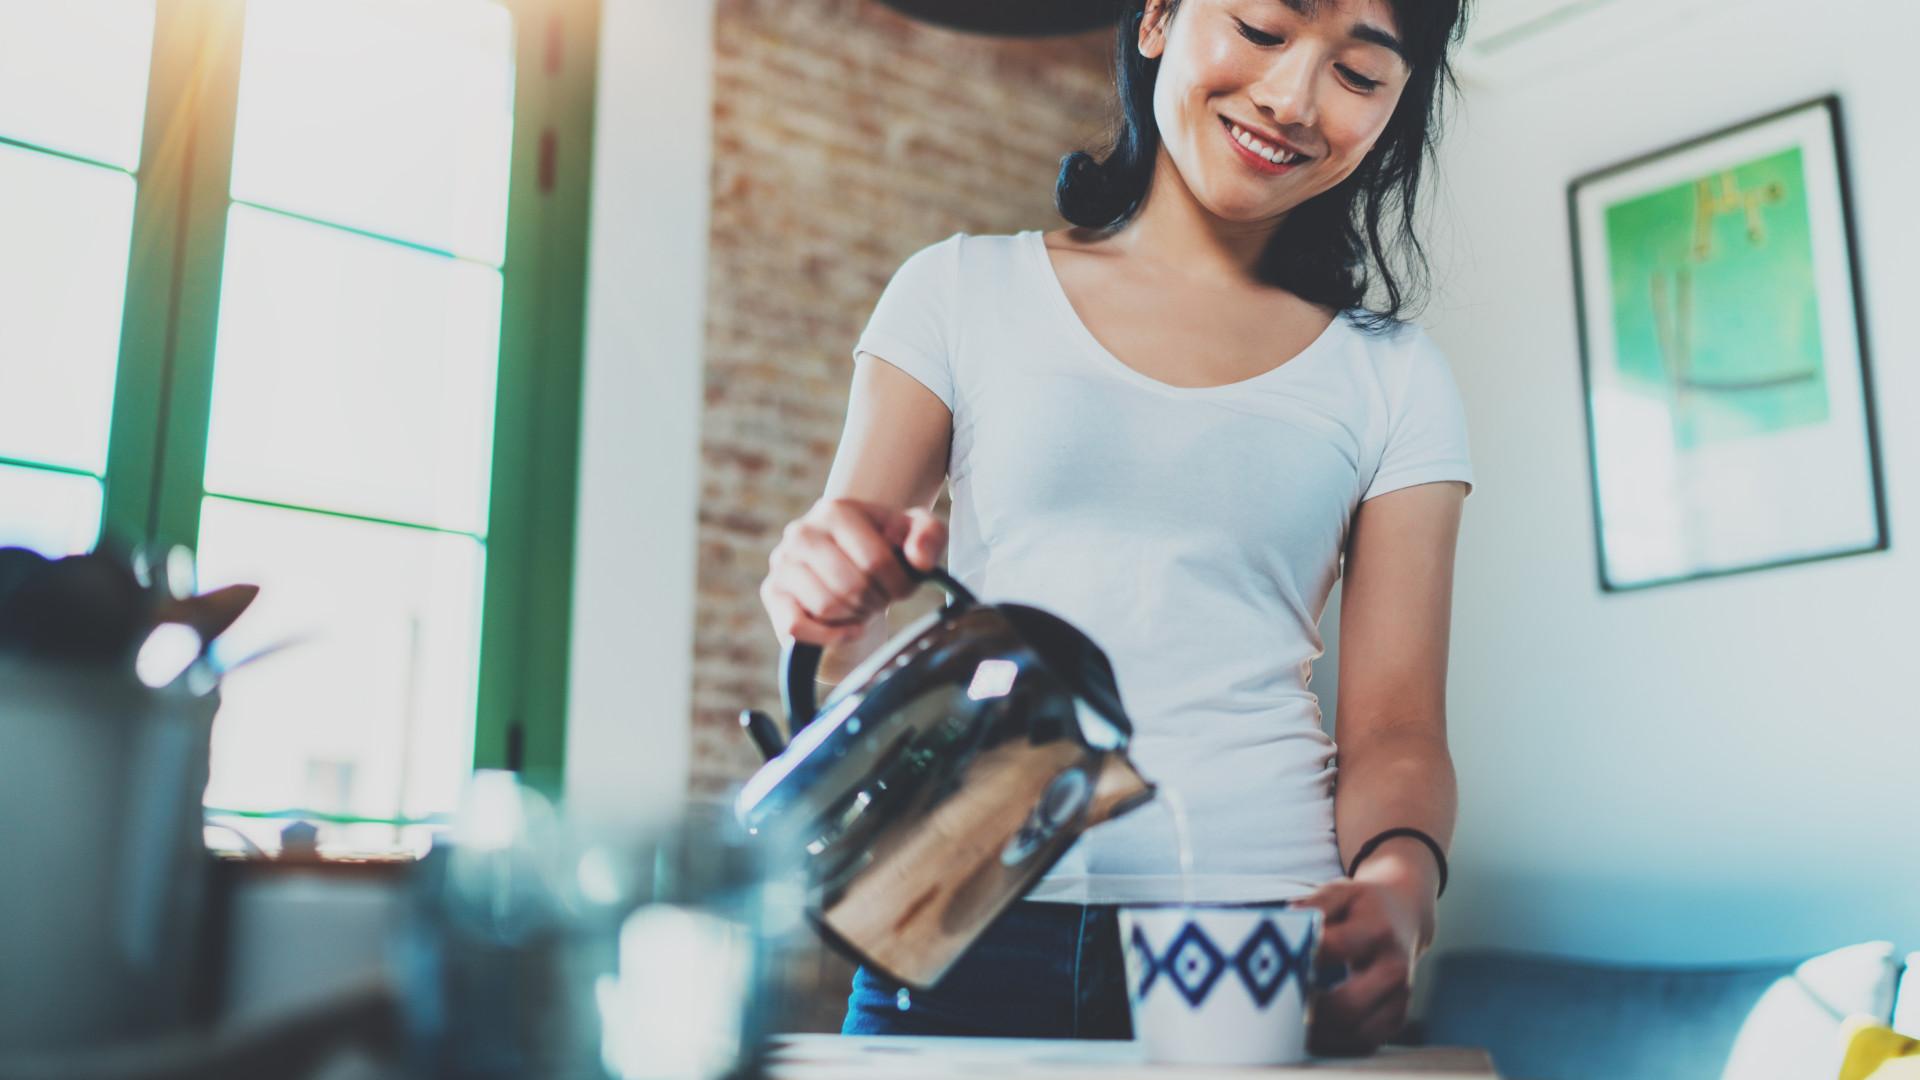 Sobreviver ao calor com chá quente? Há opções improváveis para este verão